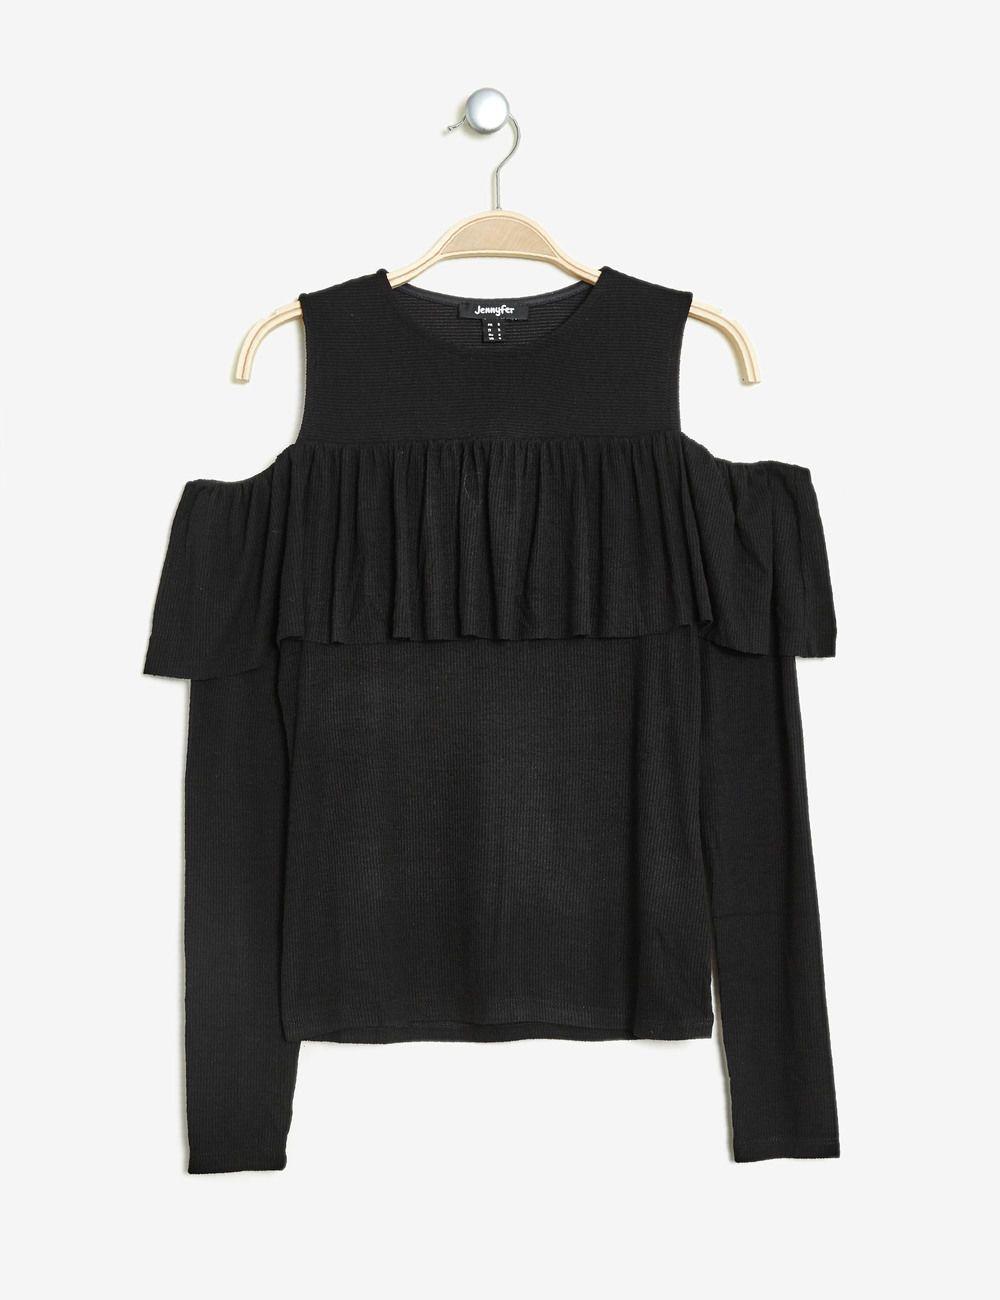 Tee-shirt à volant bordeaux femme • Jennyfer